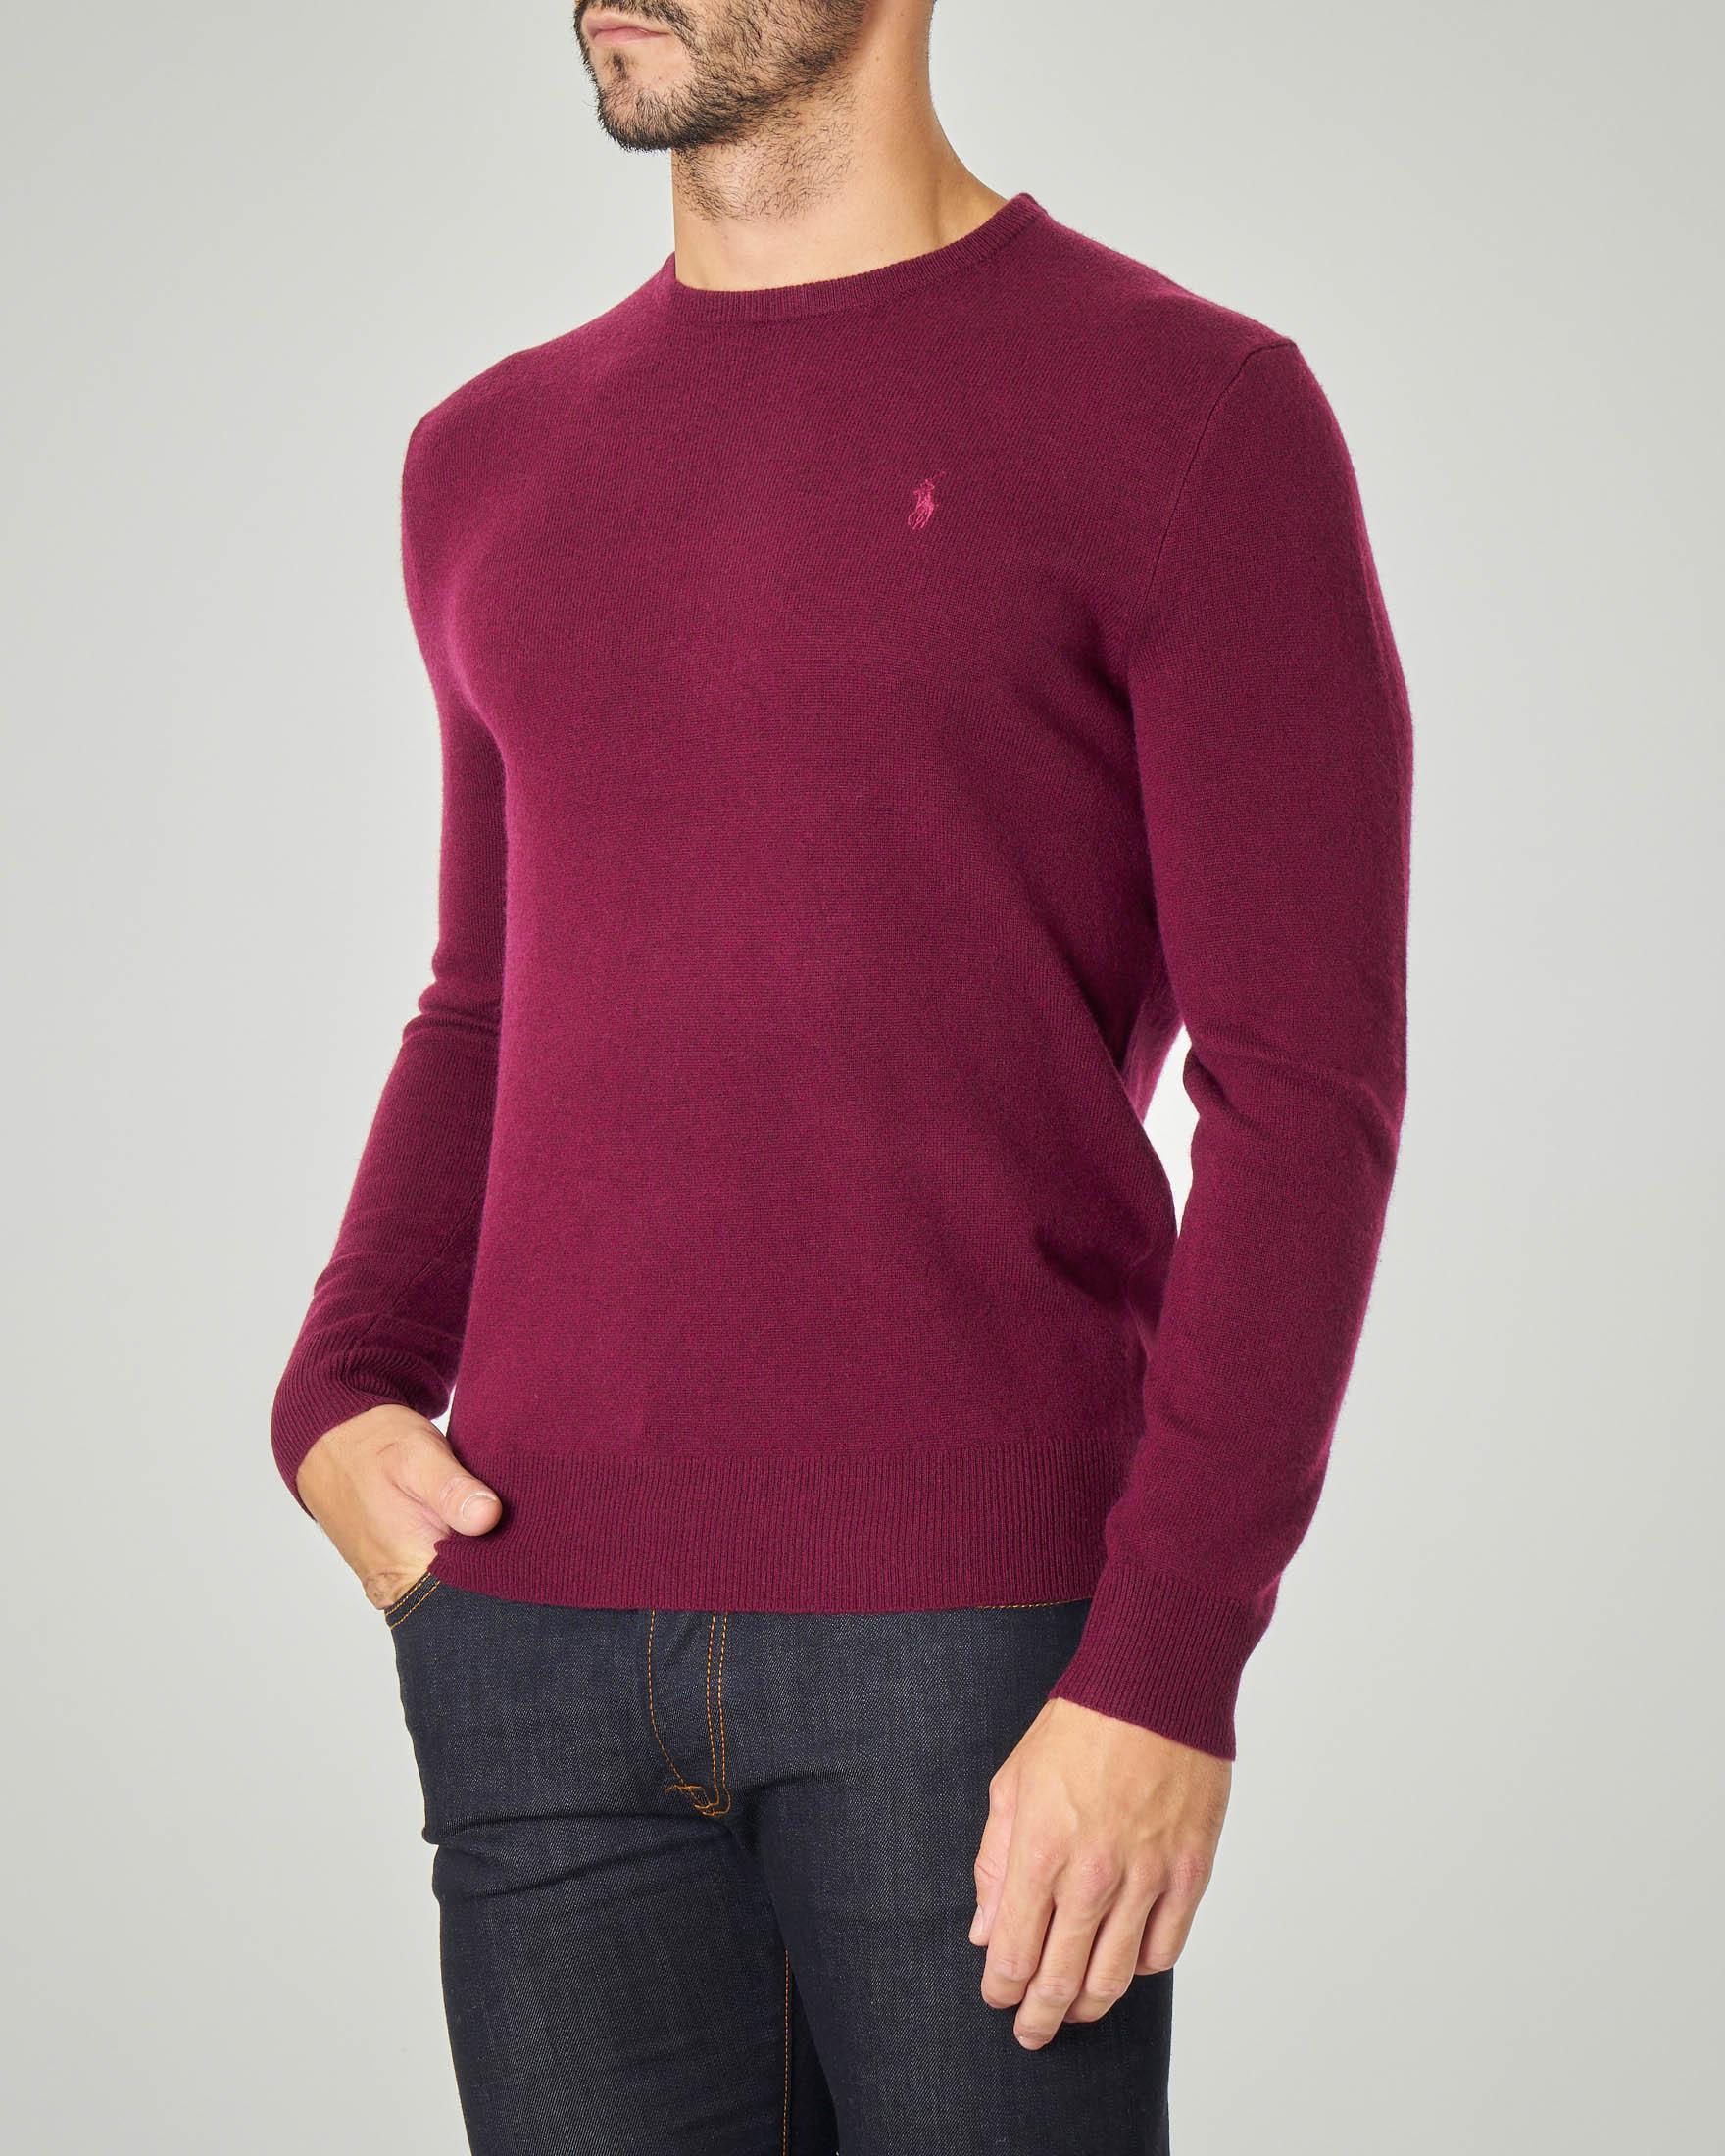 Maglia bordeaux girocollo in pura lana